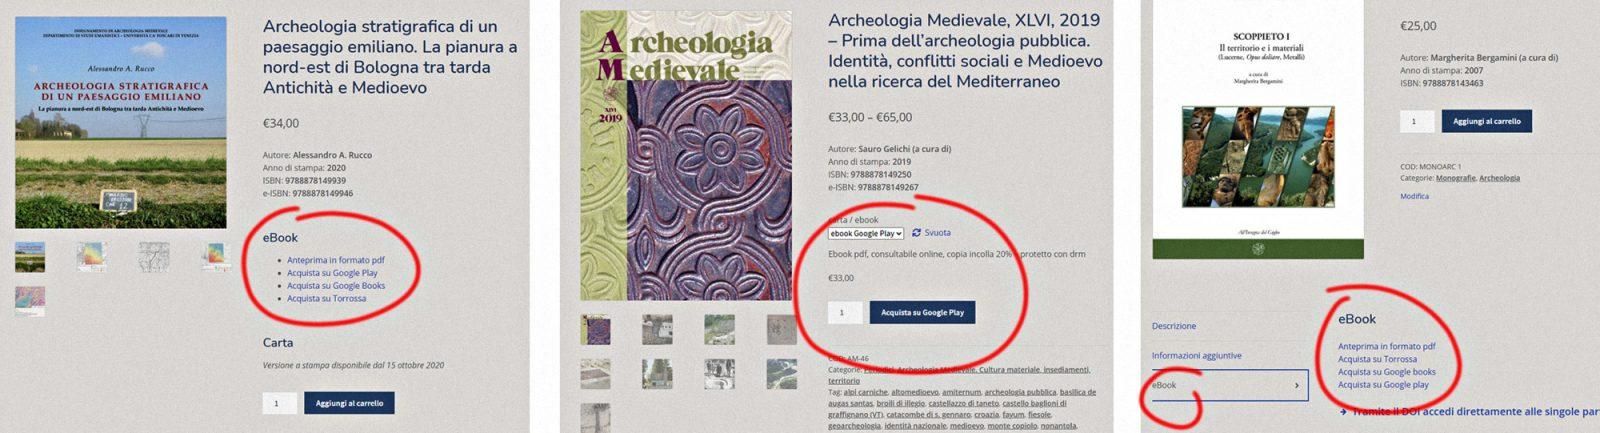 Posizionamento del link agli ebook.